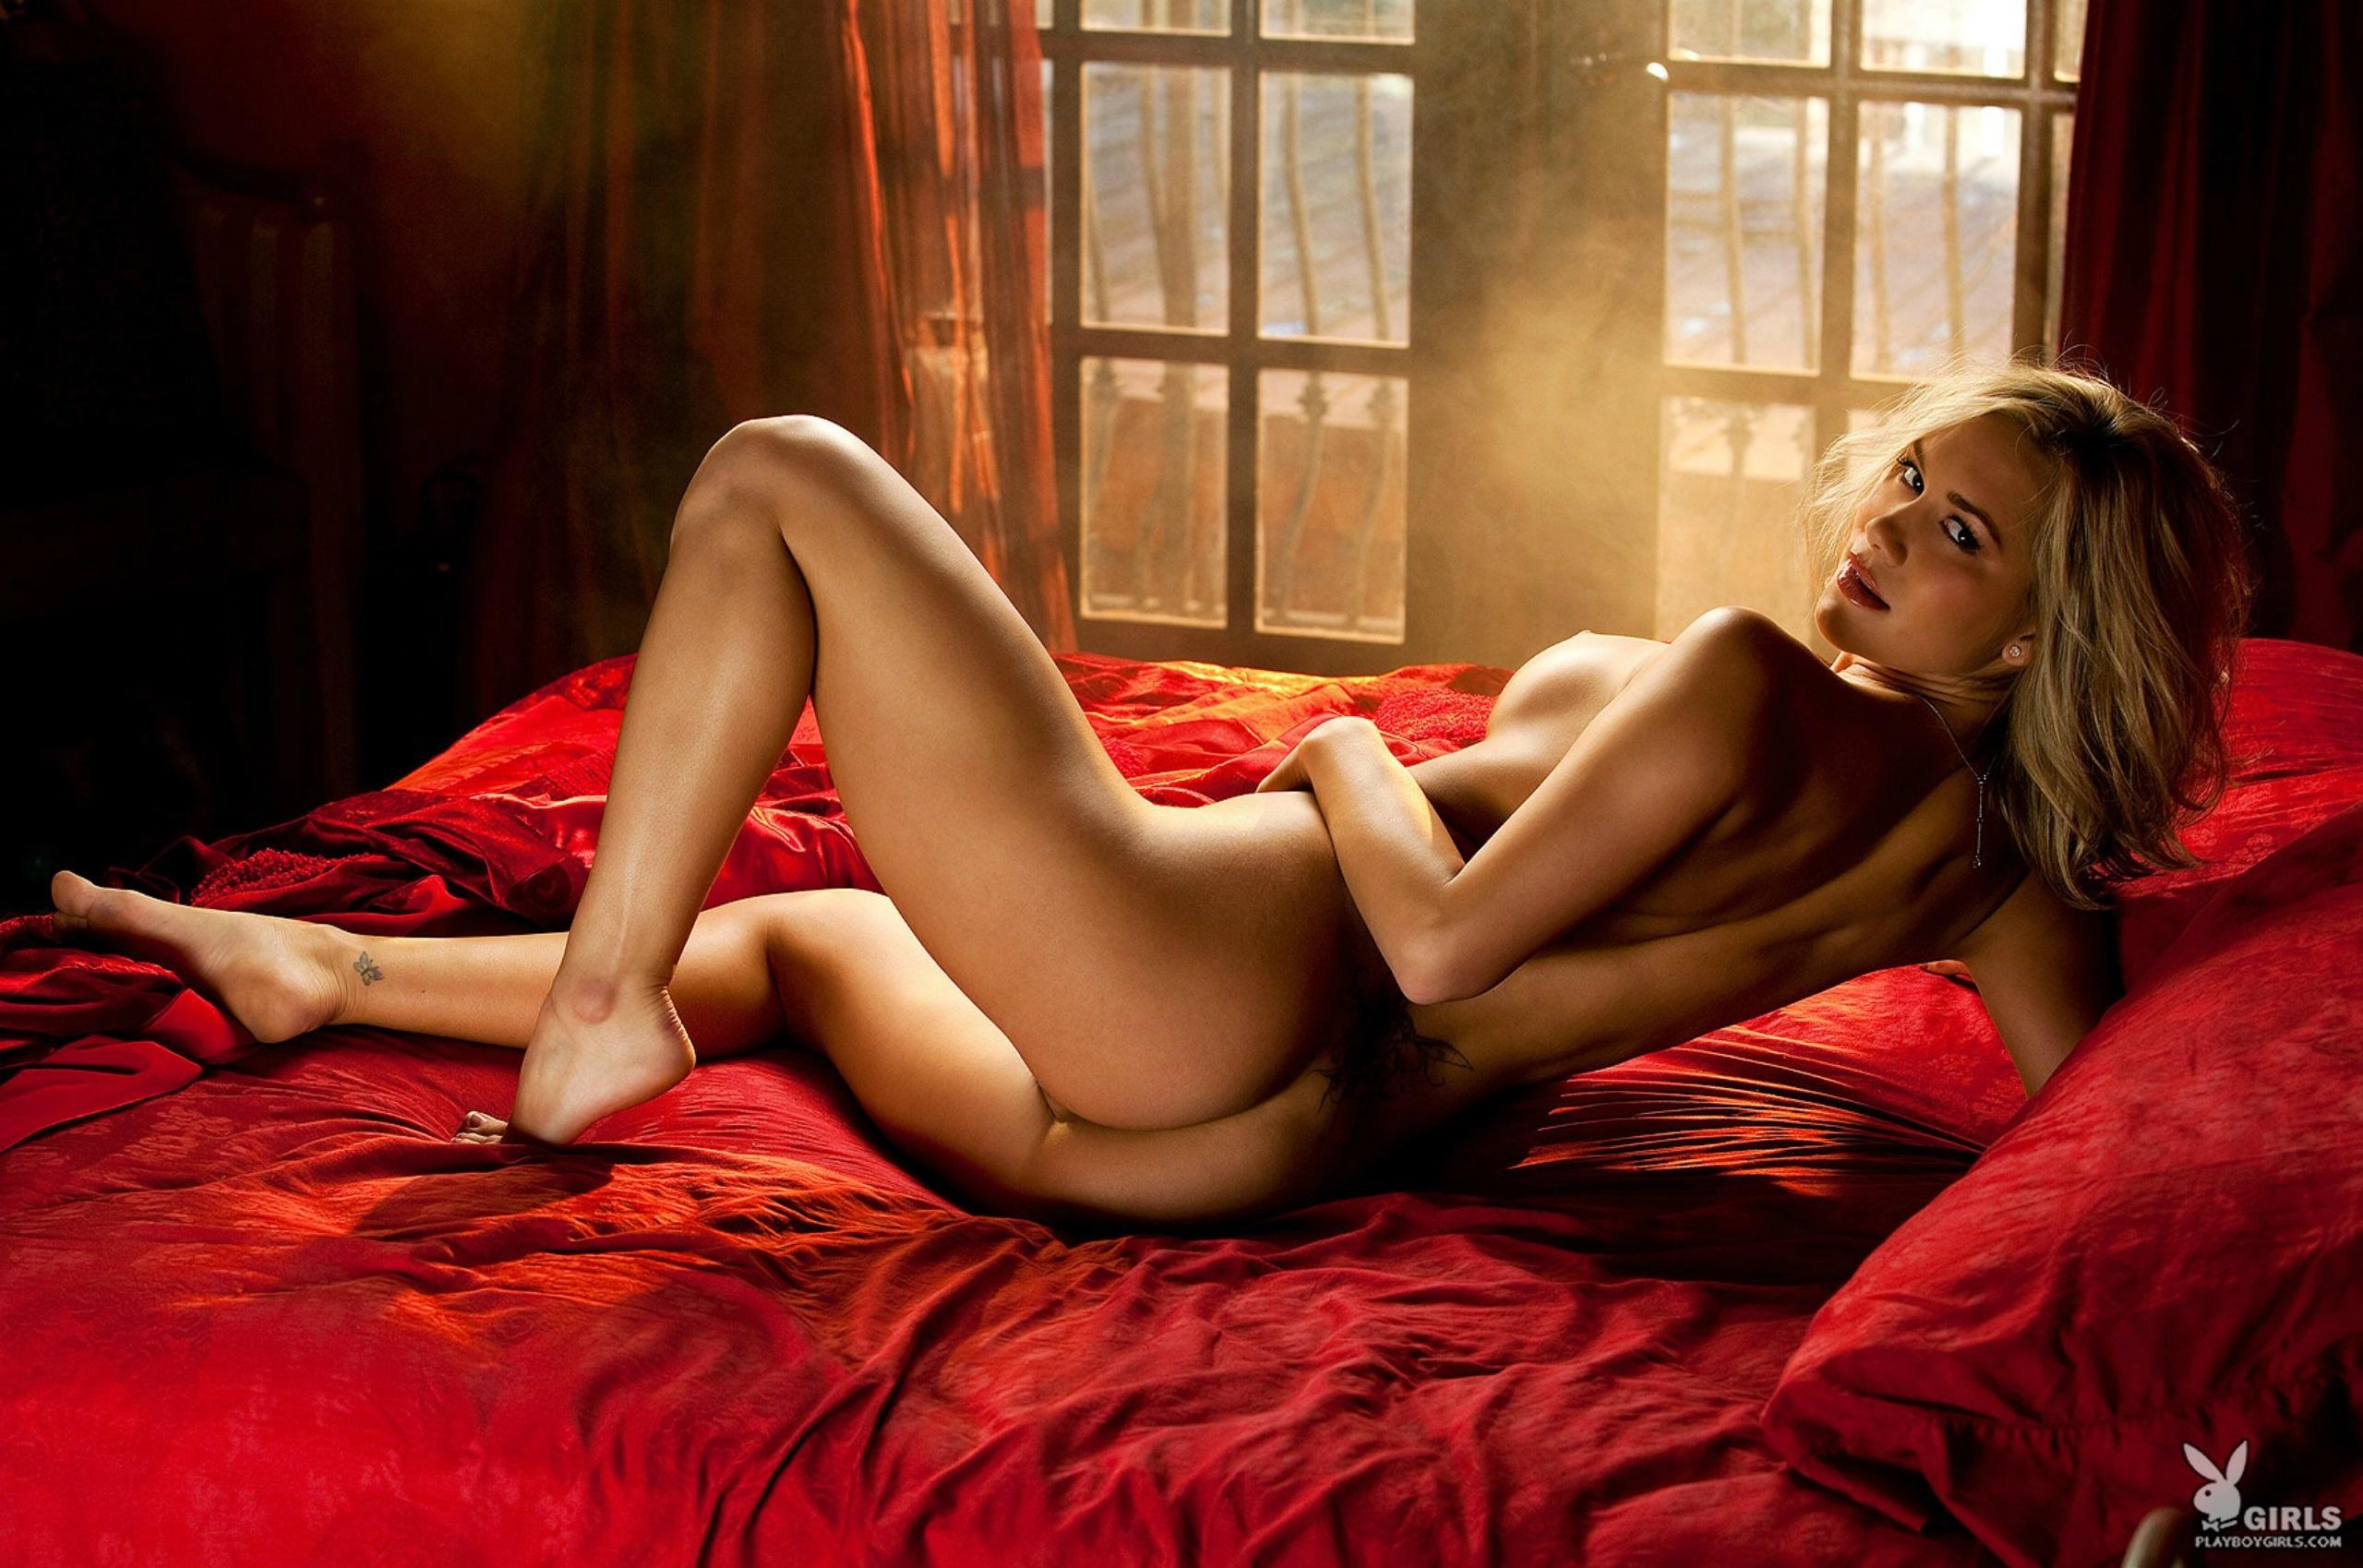 In naked reid shower tara